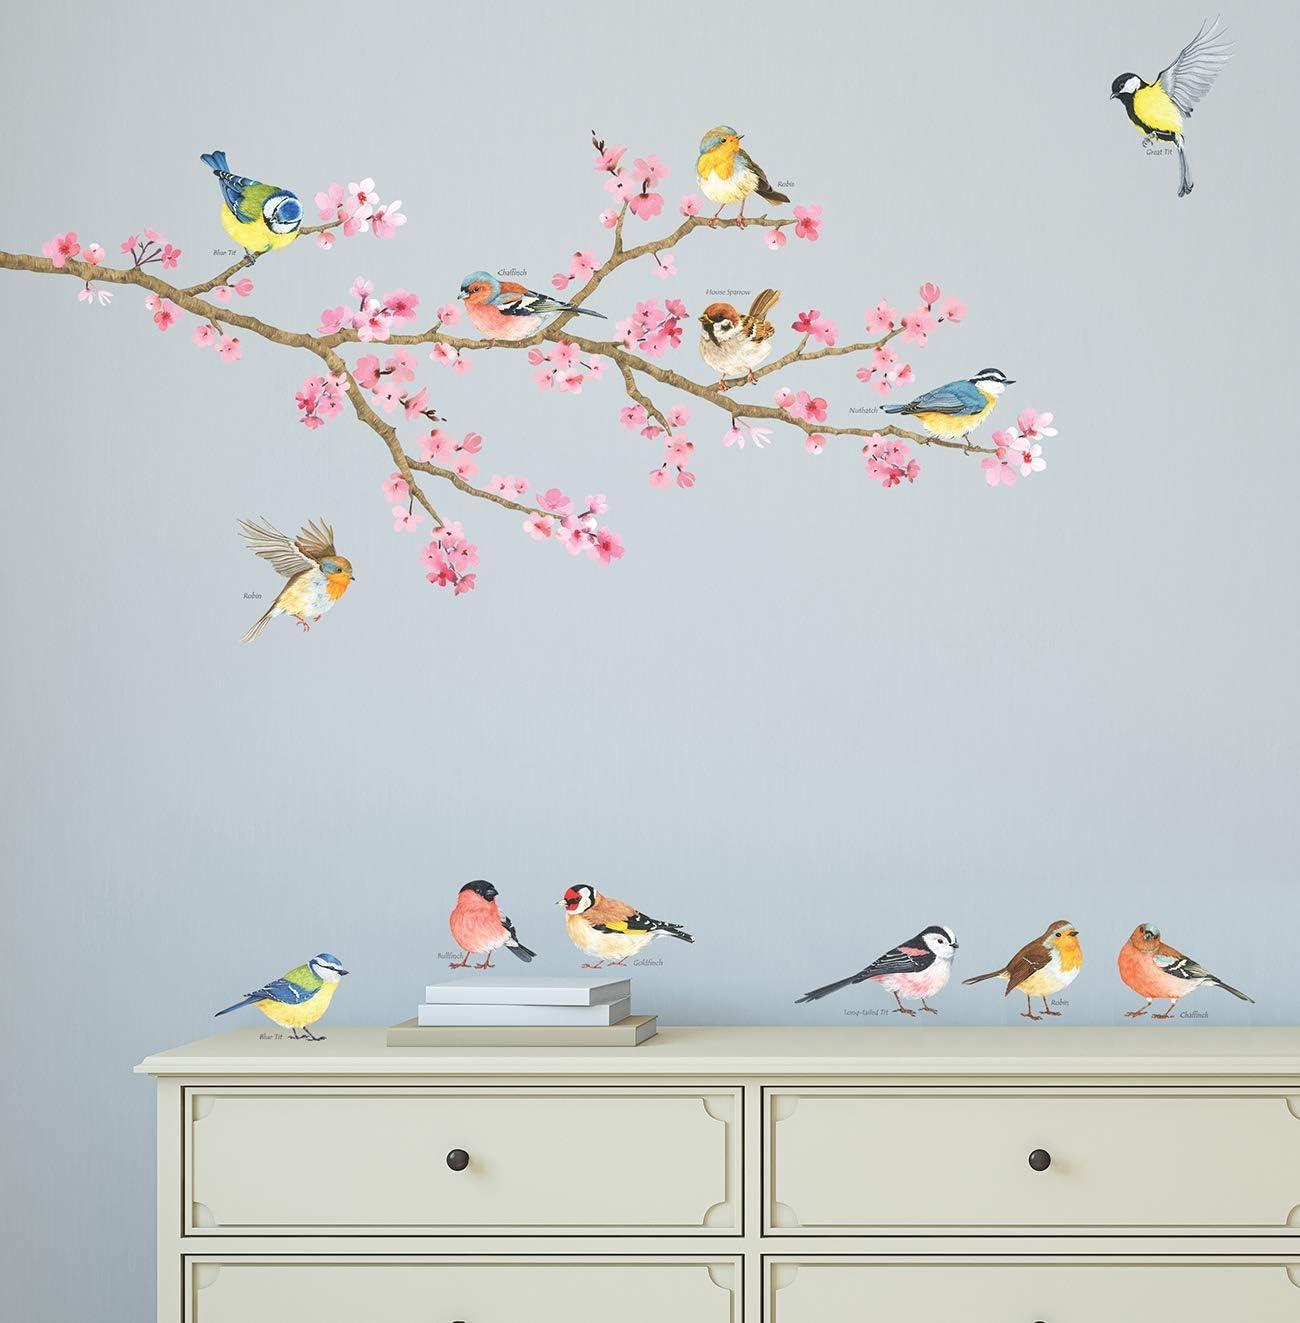 DECOWALL DA-1904 Cherry Blossom /& Uccelli da giardino Vinilo Pegatinas Decorativas Adhesiva Pared Dormitorio Sal/ón Guarder/ía Habitaci/ón Infantiles Ni/ños Beb/és